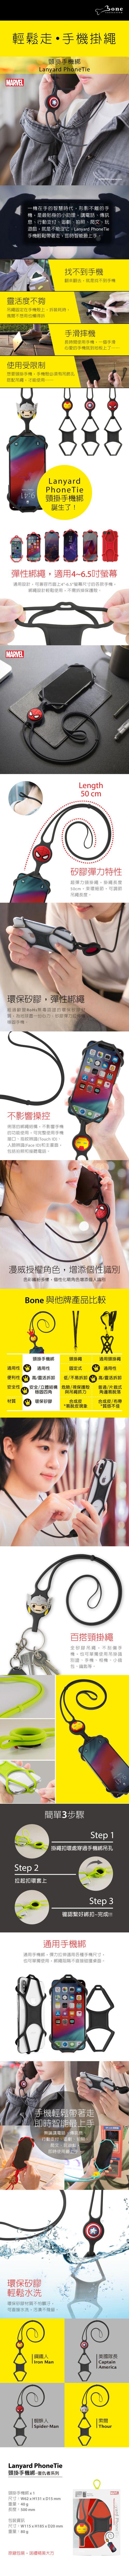 (複製)Bone | PhoneTie 輕鬆走 頸掛手機綁 - 派提鴨